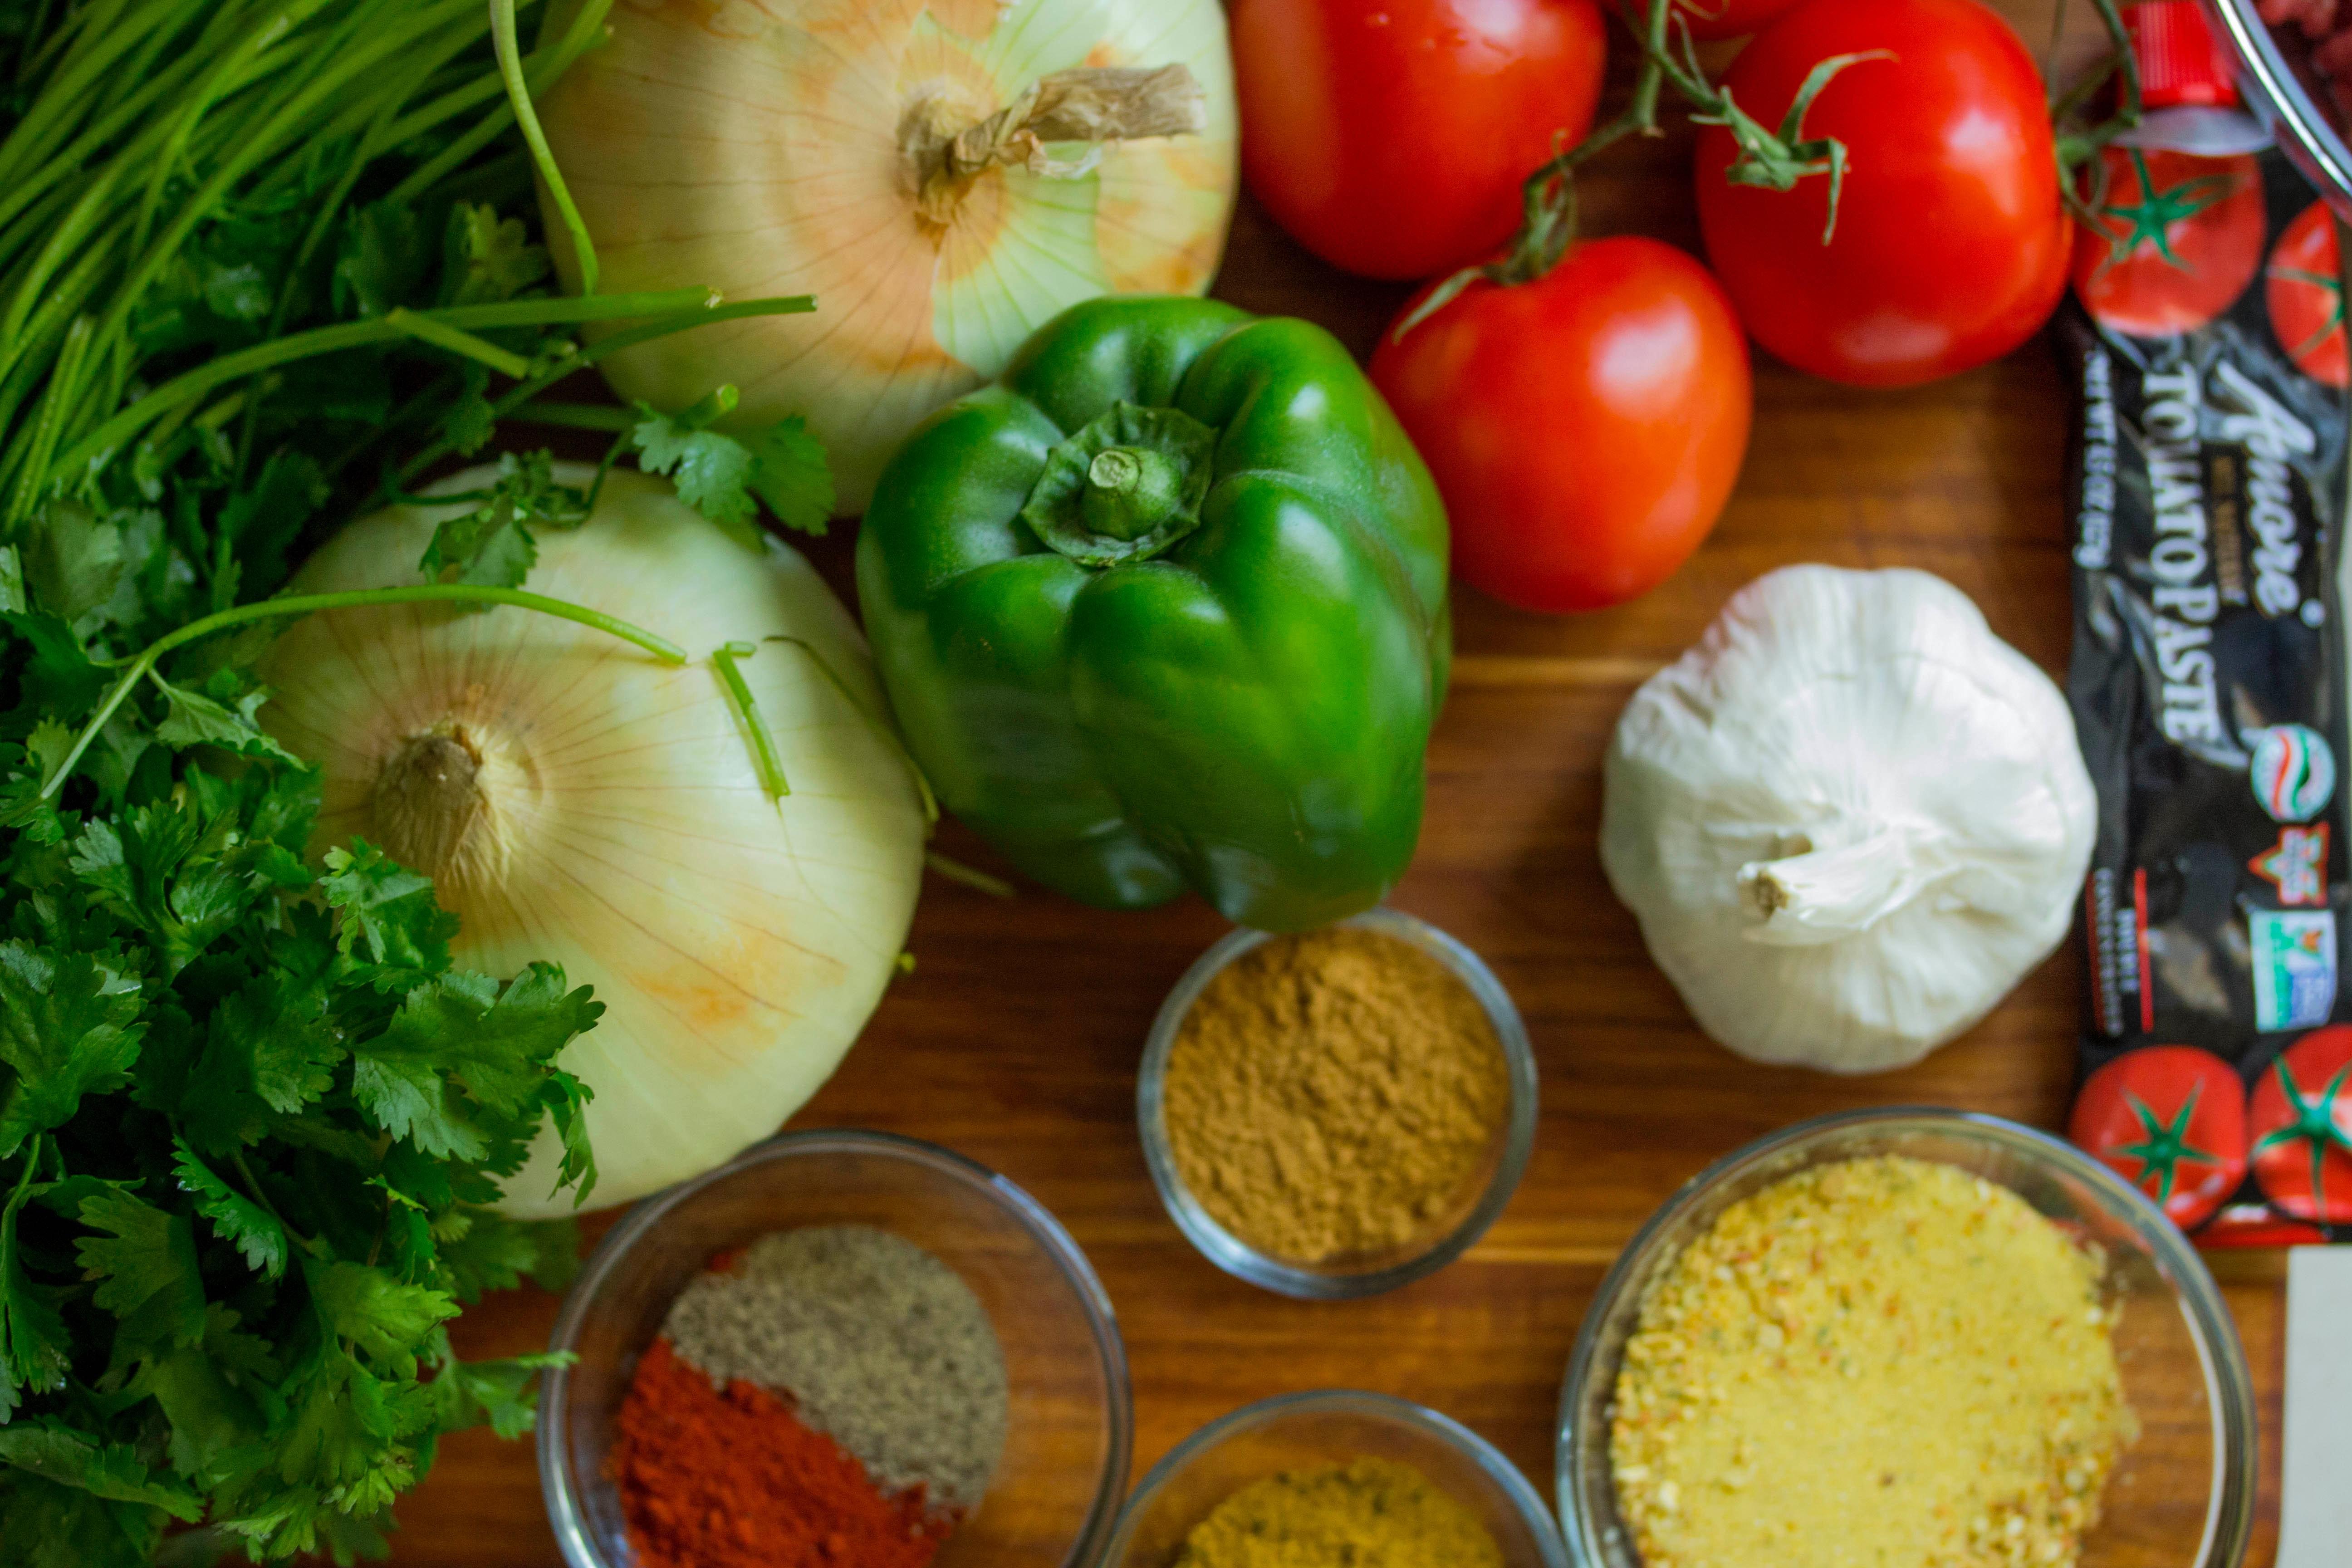 旬の野菜「三つ葉」を食べて眼精疲労を回復させよう!